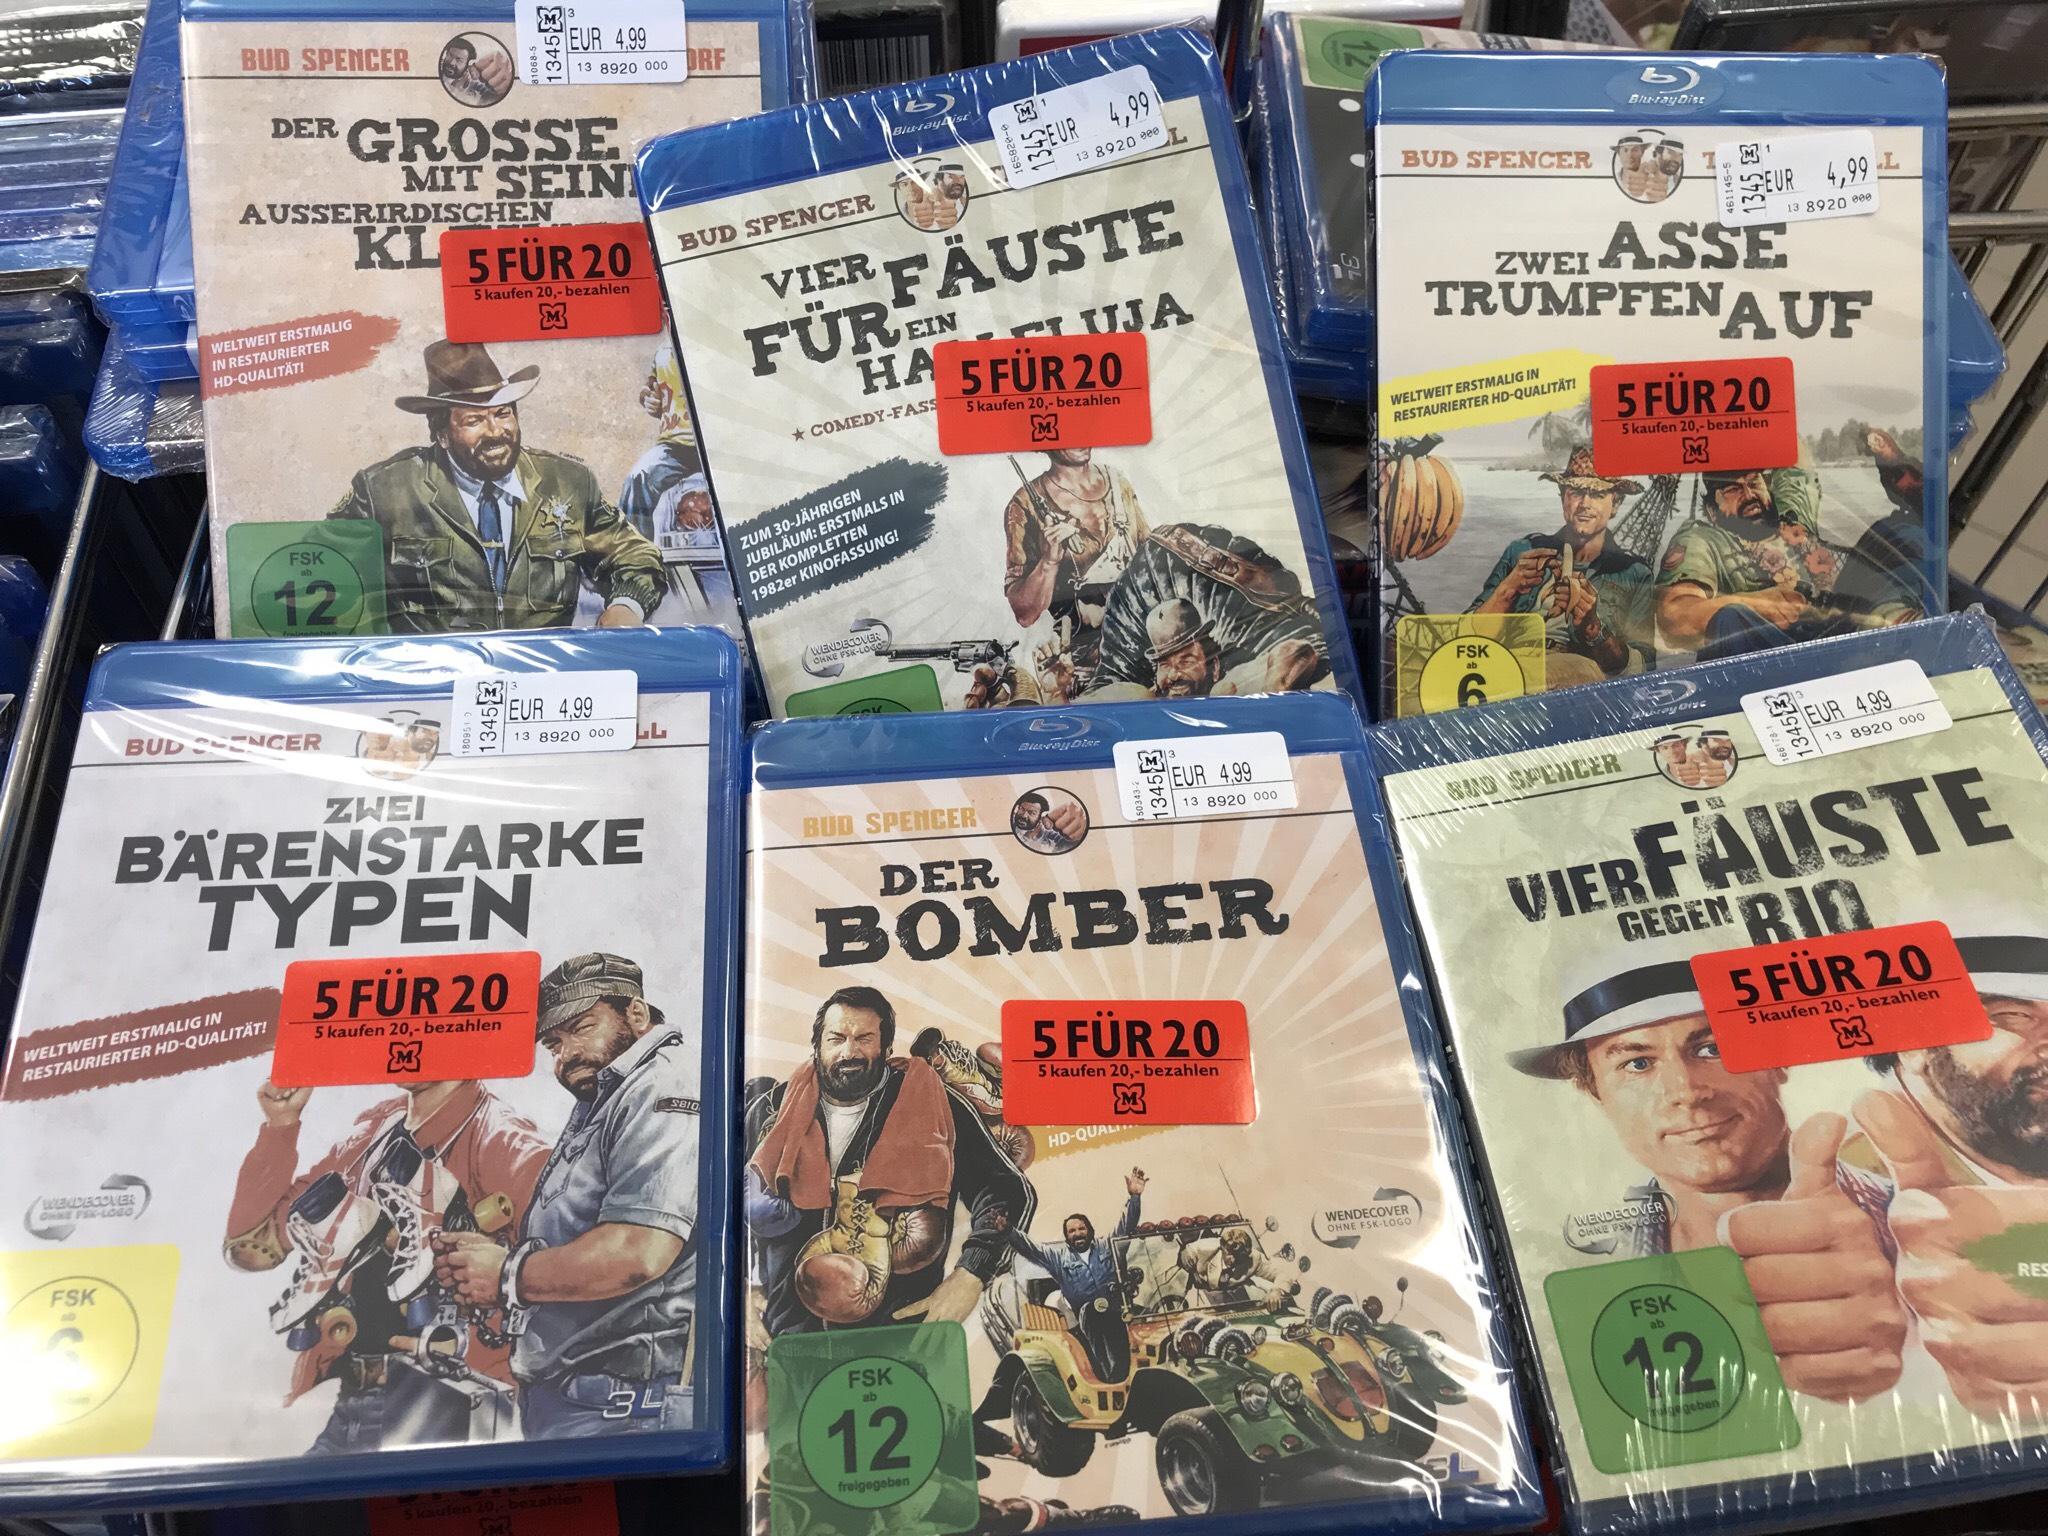 5 Blu-ray für 20,- € Aktion beim Müller Drogeriemarkt (evtl. nur lokal in Lünen) Bud Spencer u.a.